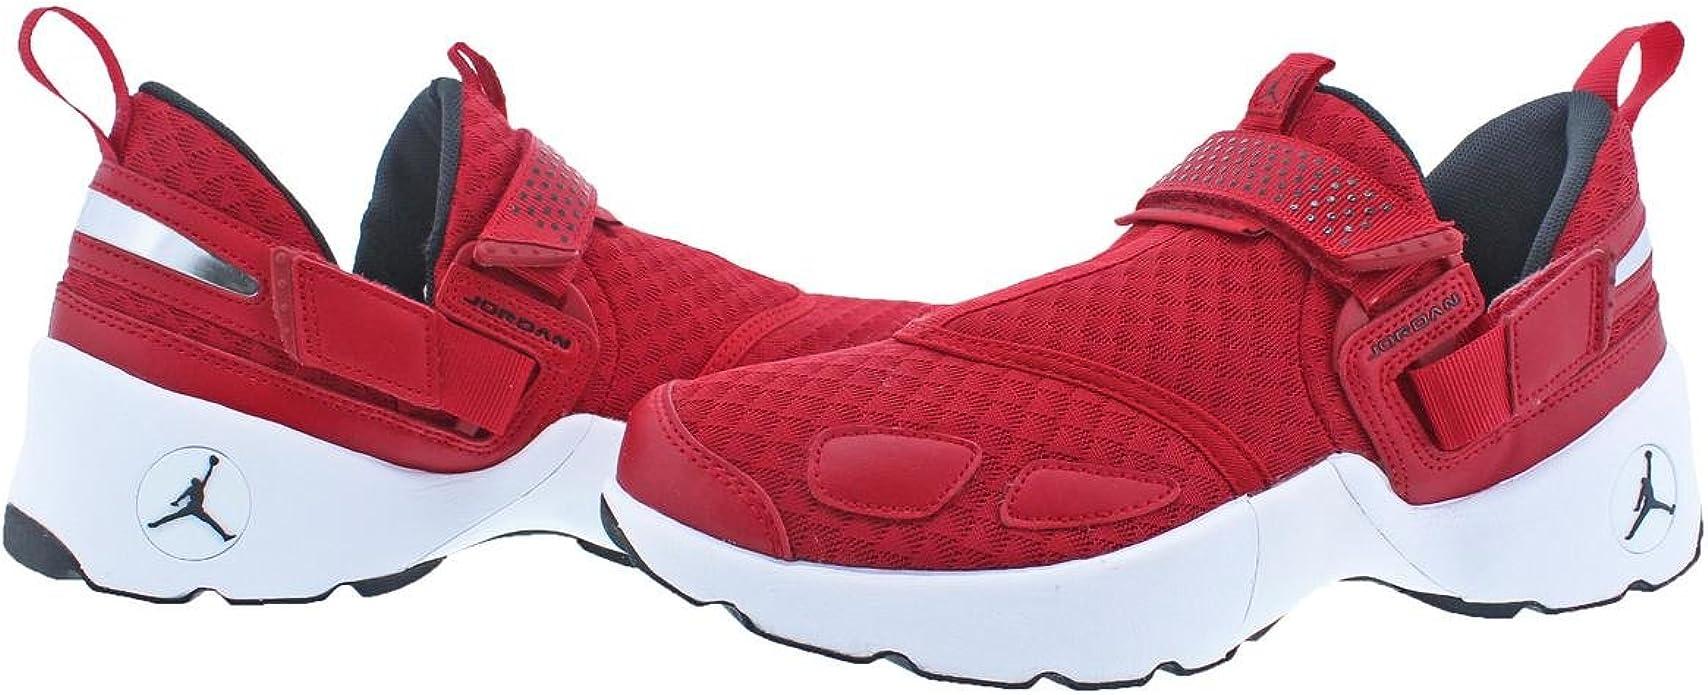 Jordan Mens Nike Trunner LX OG Running